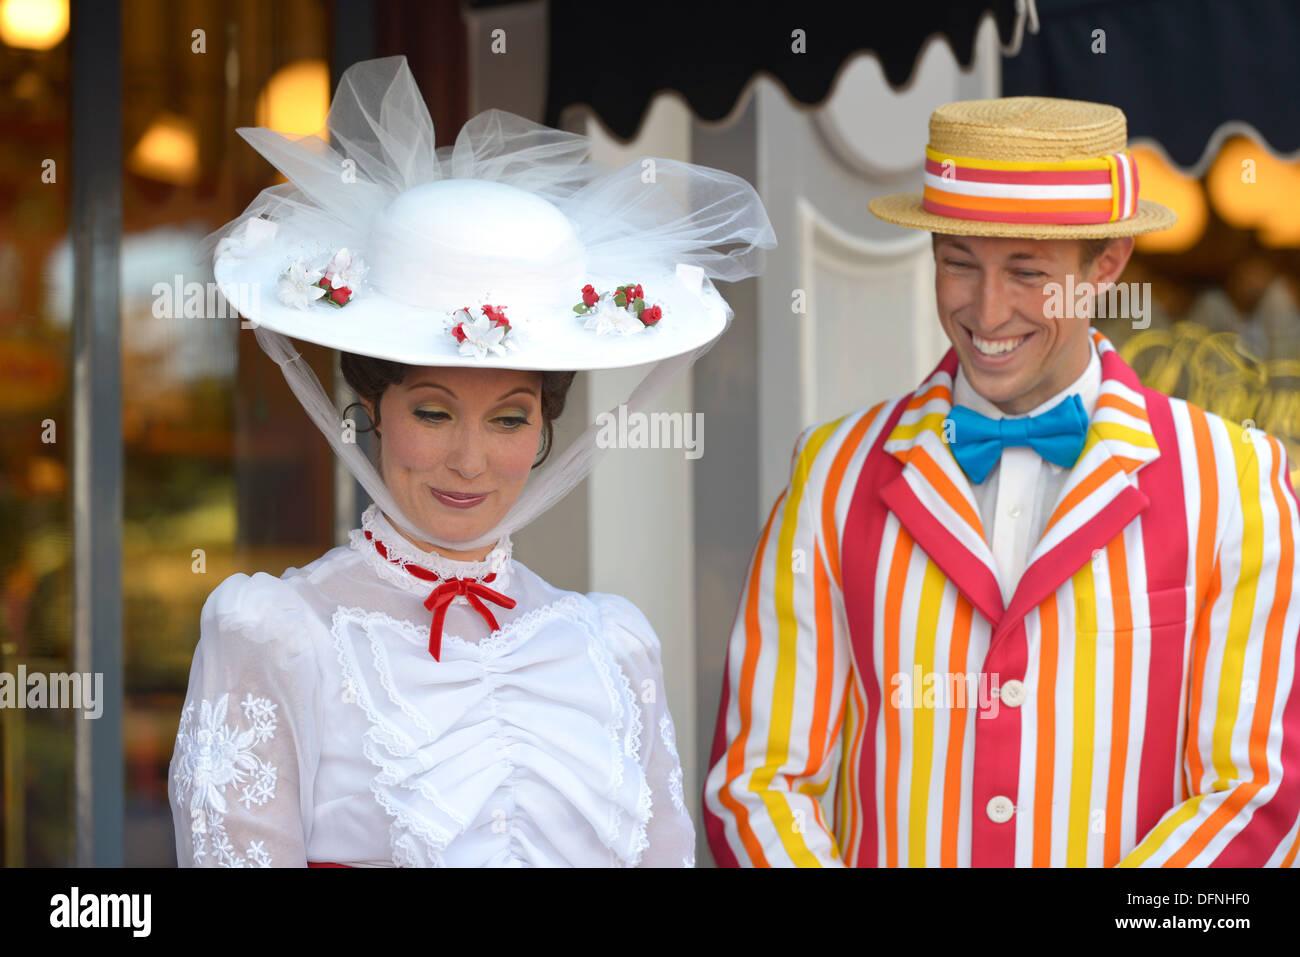 Mary Poppins and Bert characters, Disneyland Resort, California Anaheim - Stock Image